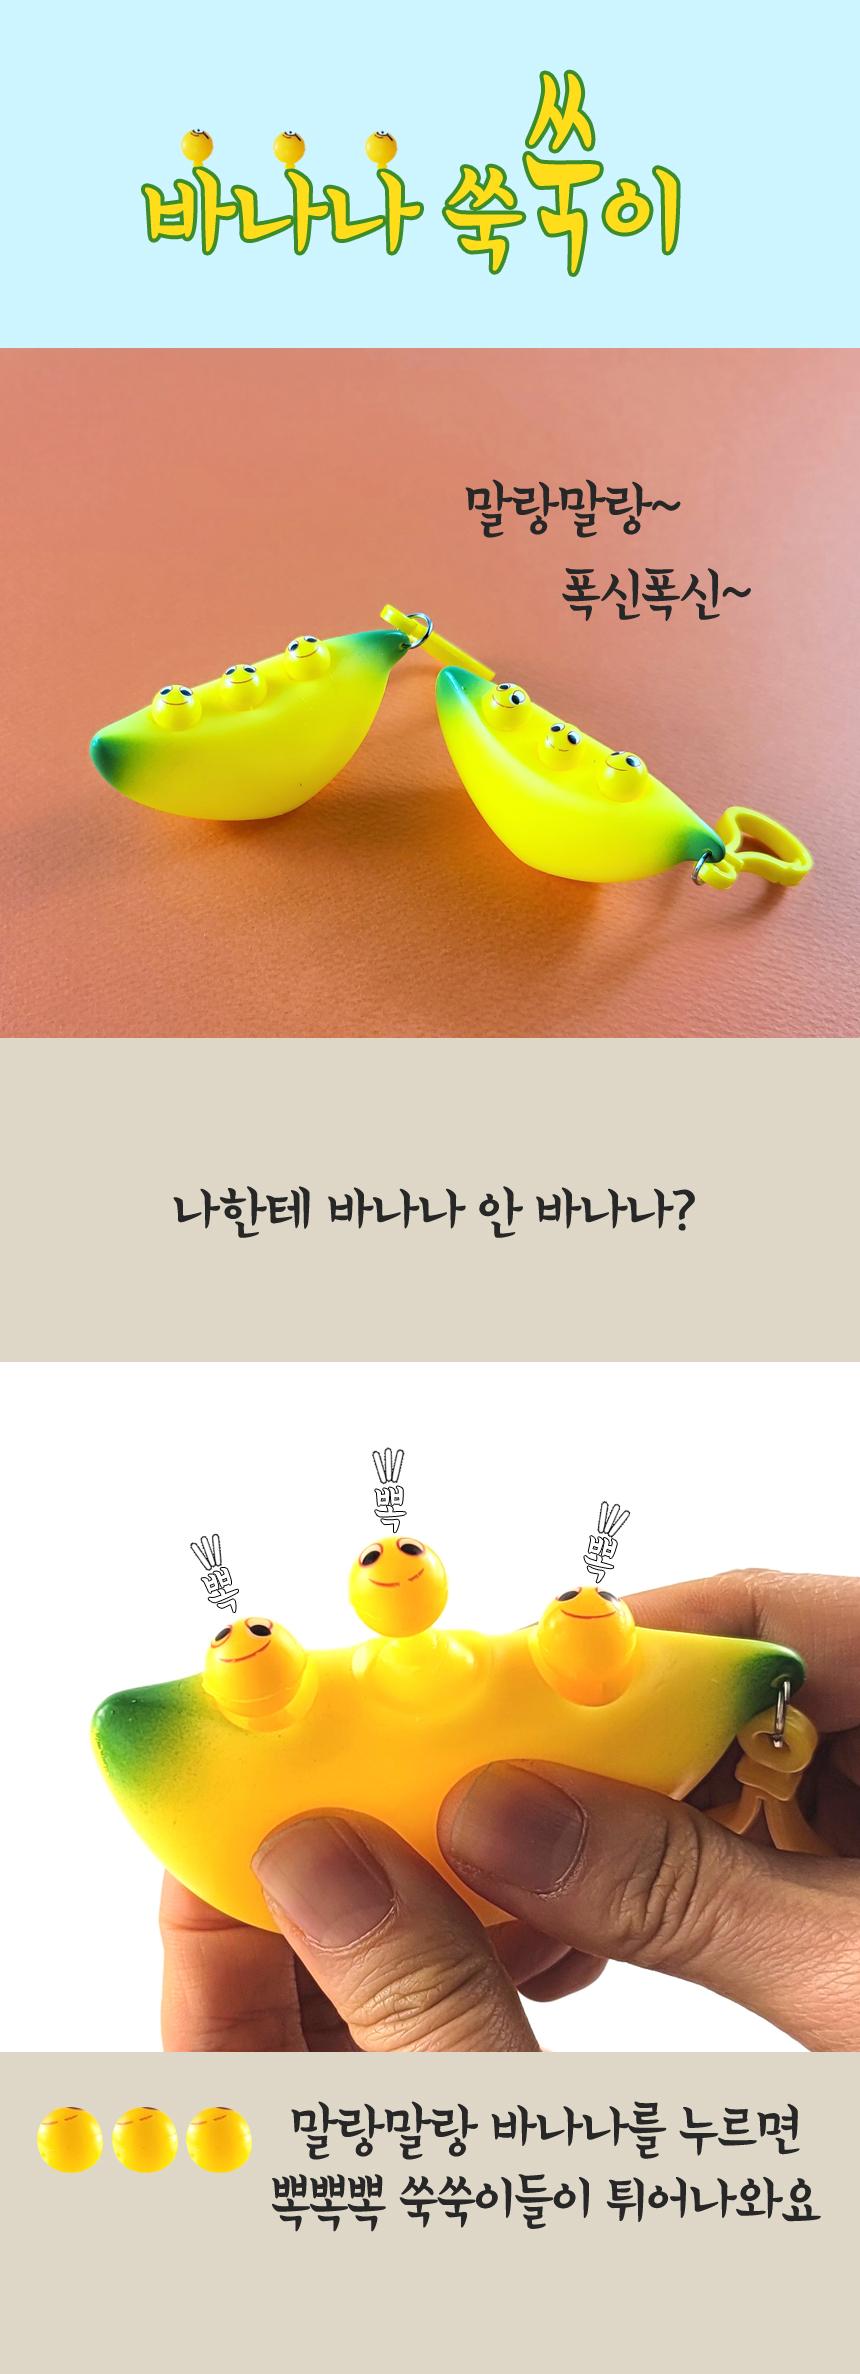 banana_ssuk_01.jpg